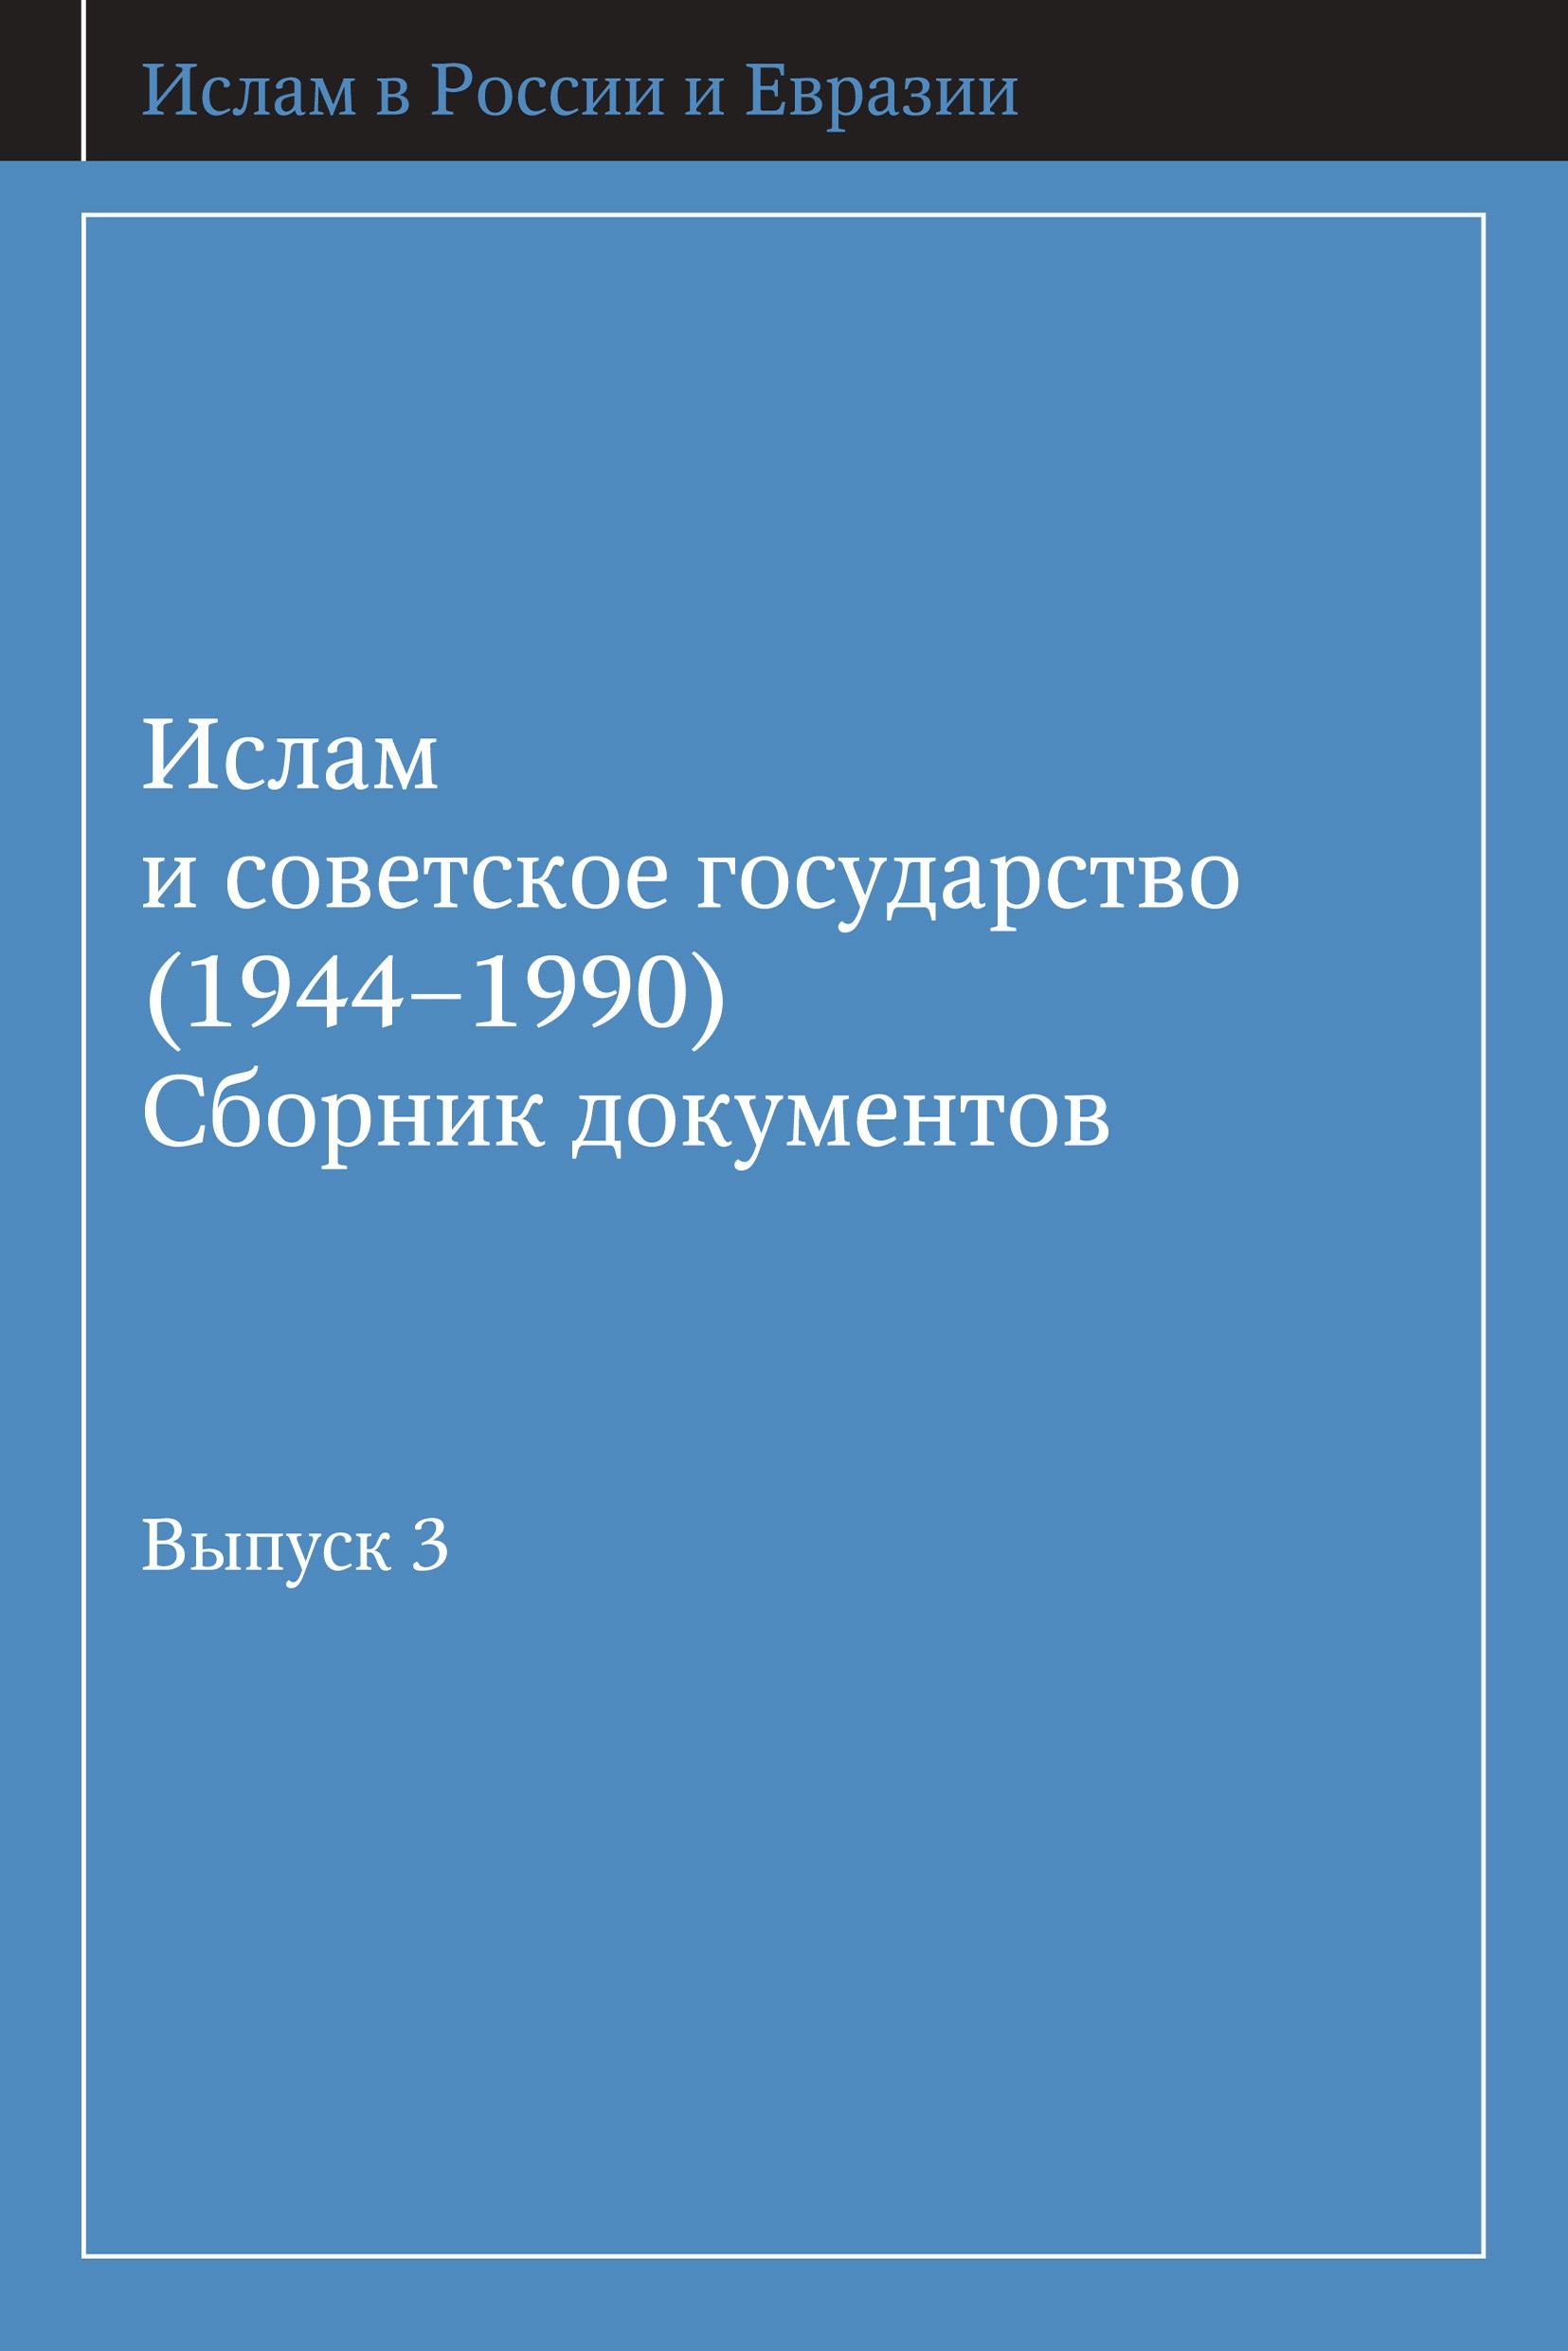 Отсутствует Ислам и советское государство (1944–1990). Сборник документов. Выпуск 3 цены